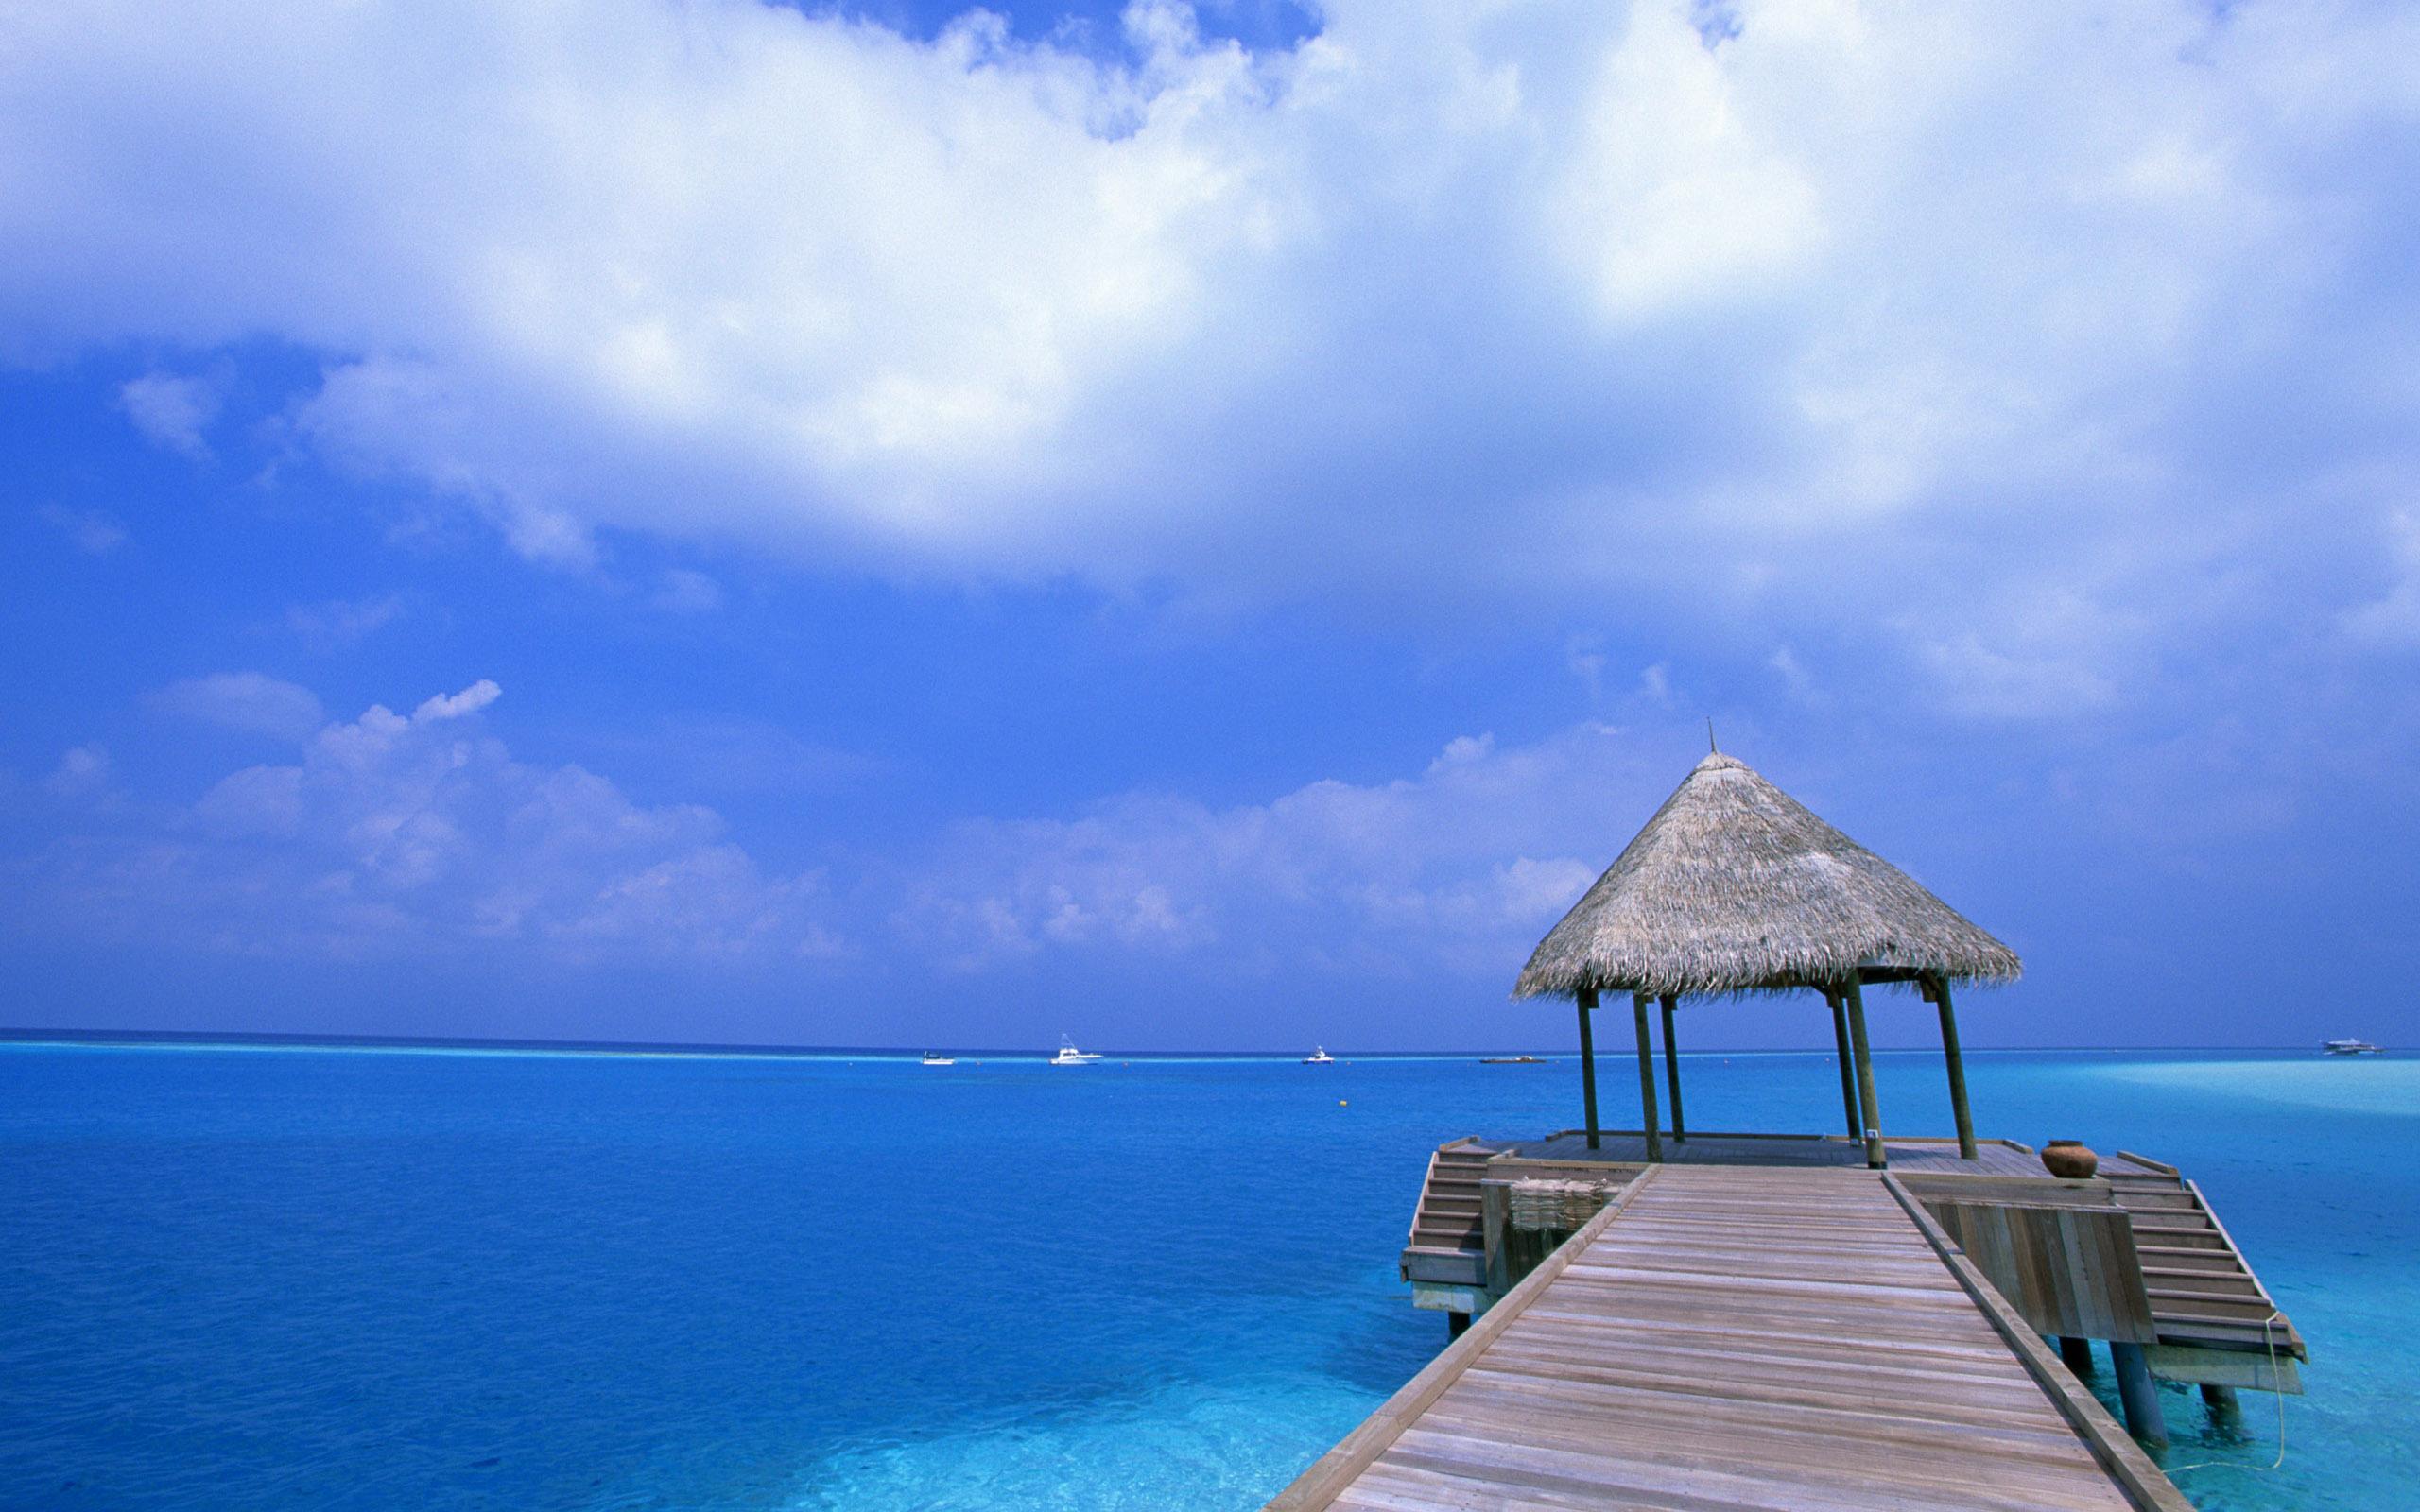 maldives desktop wallpapers 1680x1050 - photo #18